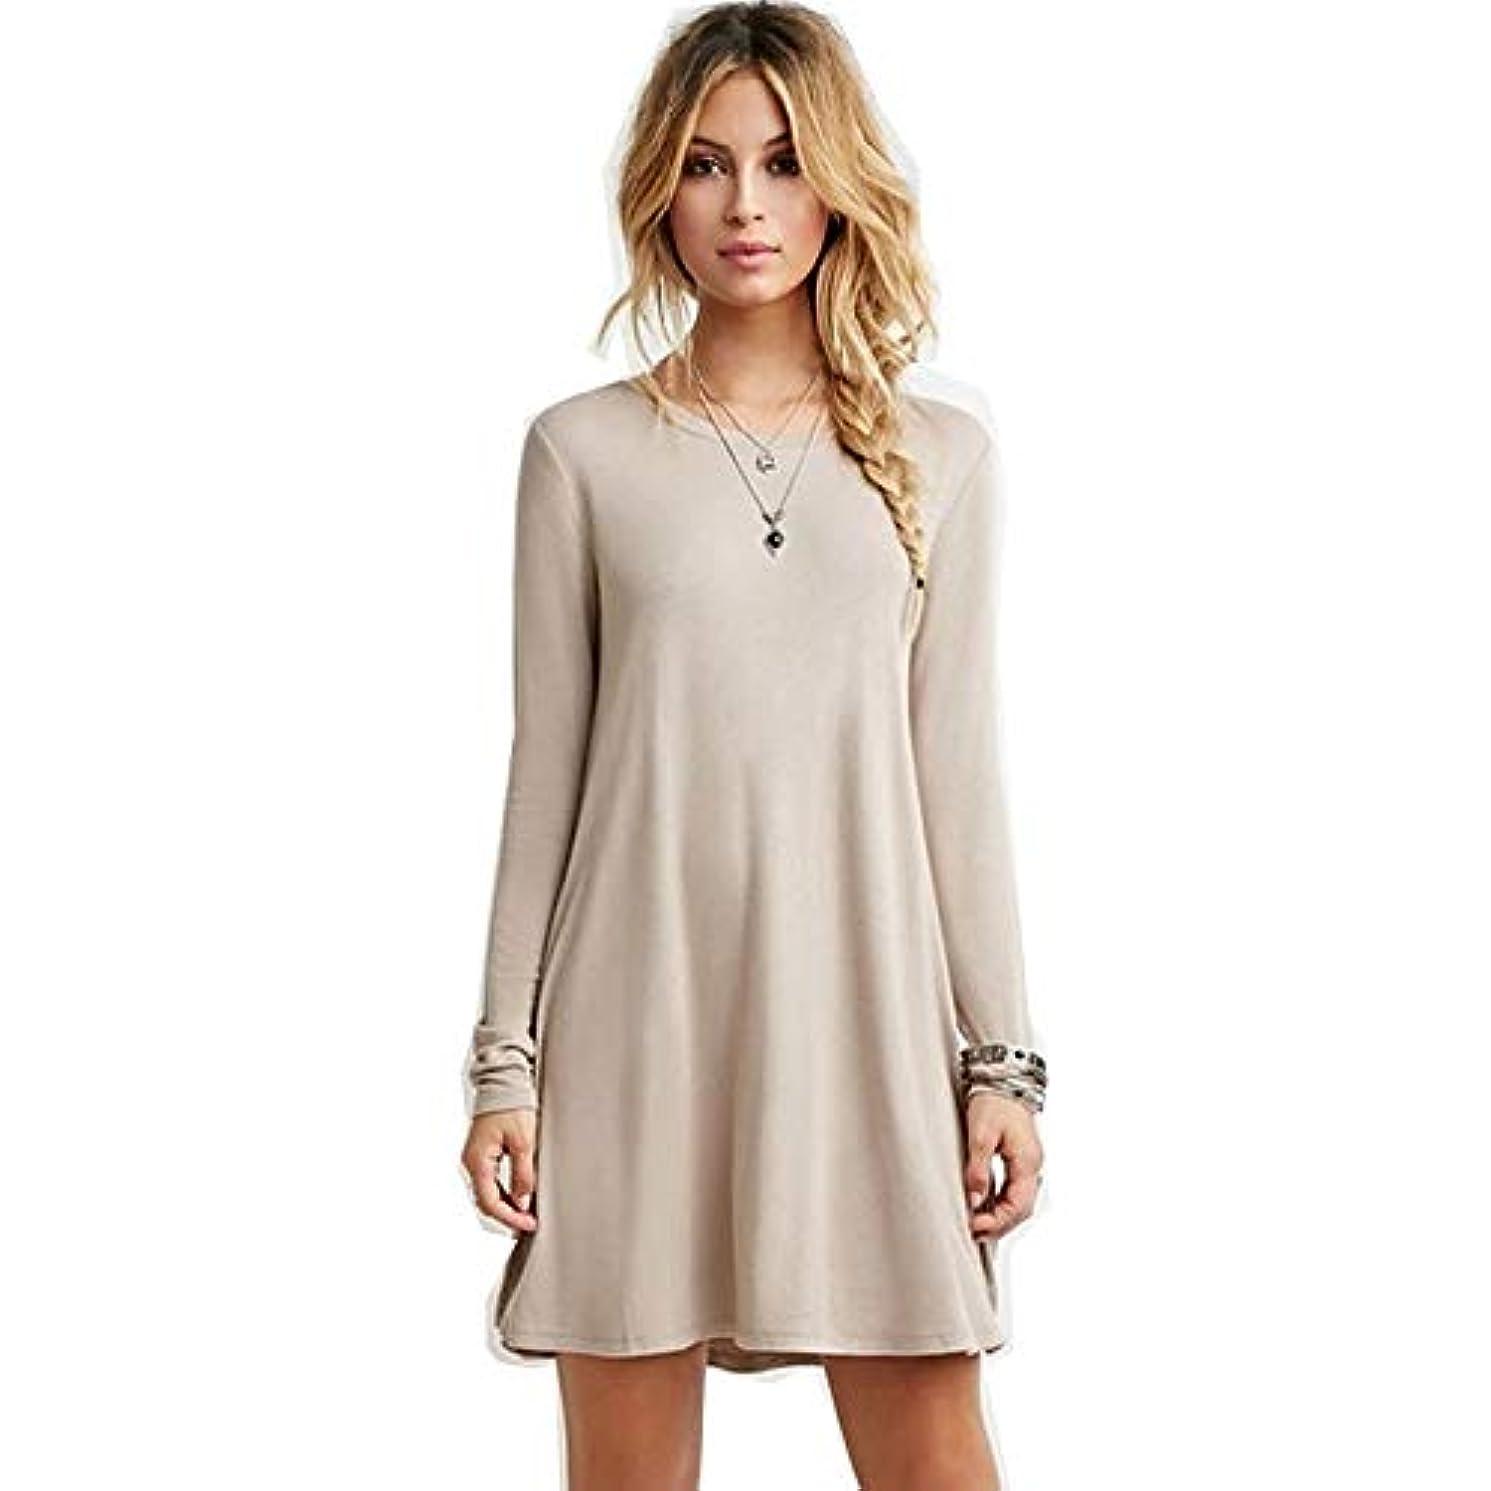 労働者パンツ開いたMIFANルースドレス、プラスサイズのドレス、長袖のドレス、女性のドレス、秋のドレス、マキシドレス、コットンドレス